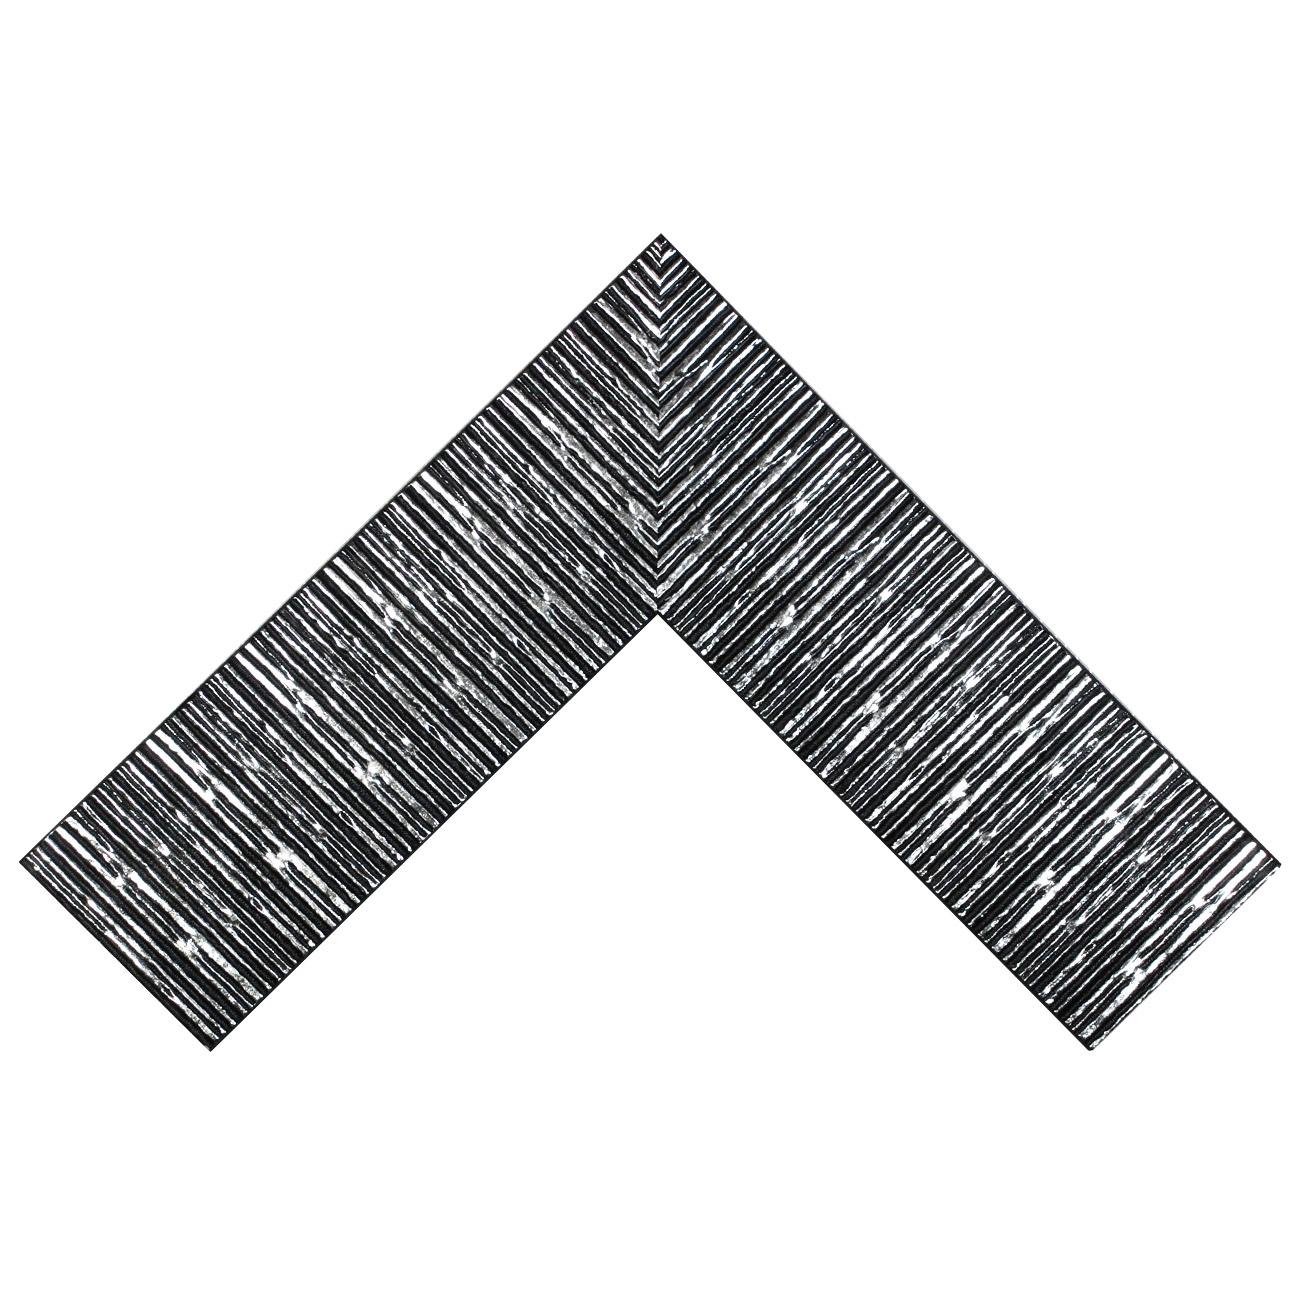 Baguette bois profil plat largeur 10.5cm couleur noir mat strié argent ckromé en relief